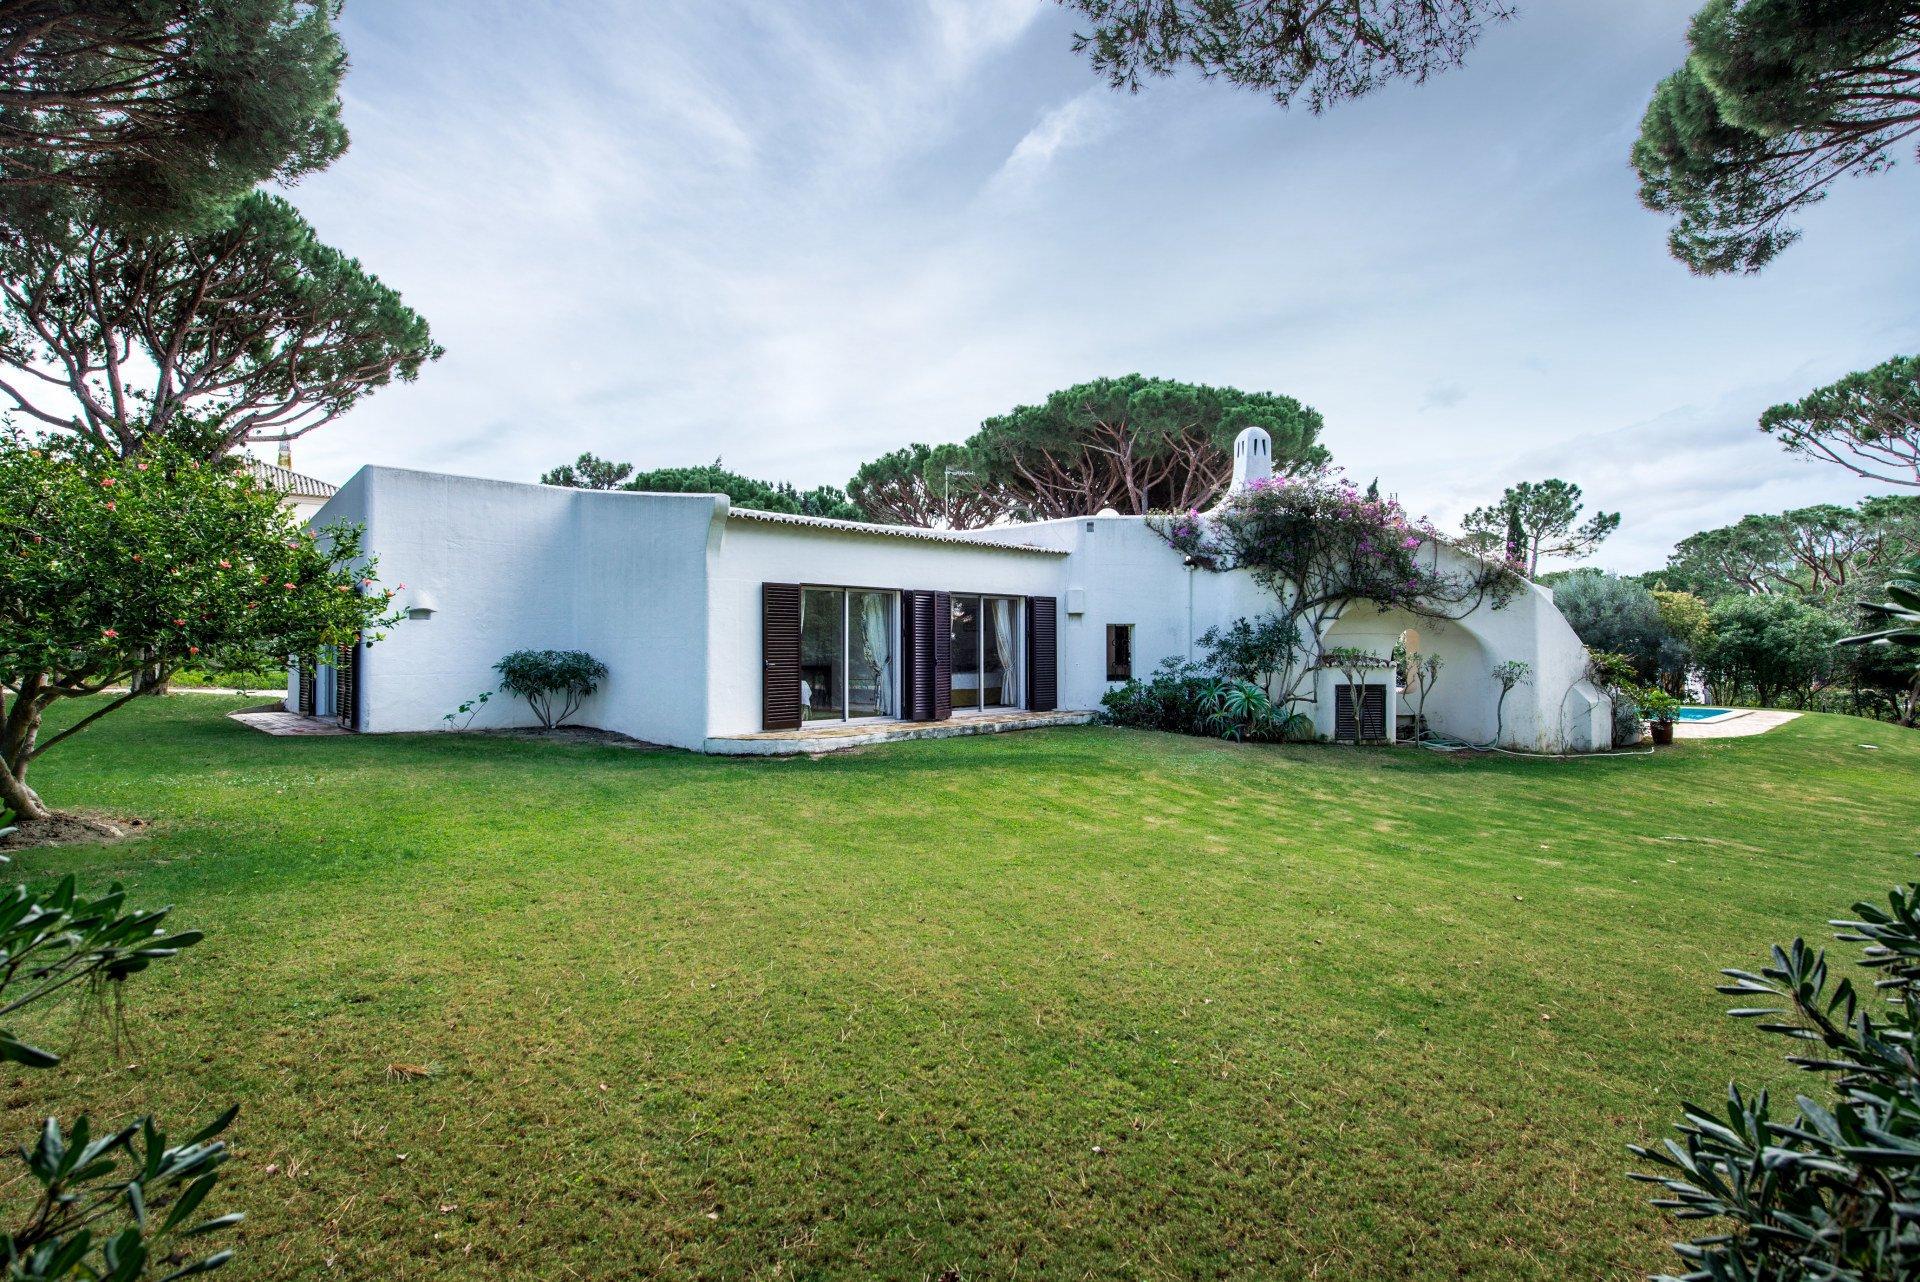 5 Bedroom Villa Quinta Do Lago, Central Algarve Ref: MV21162